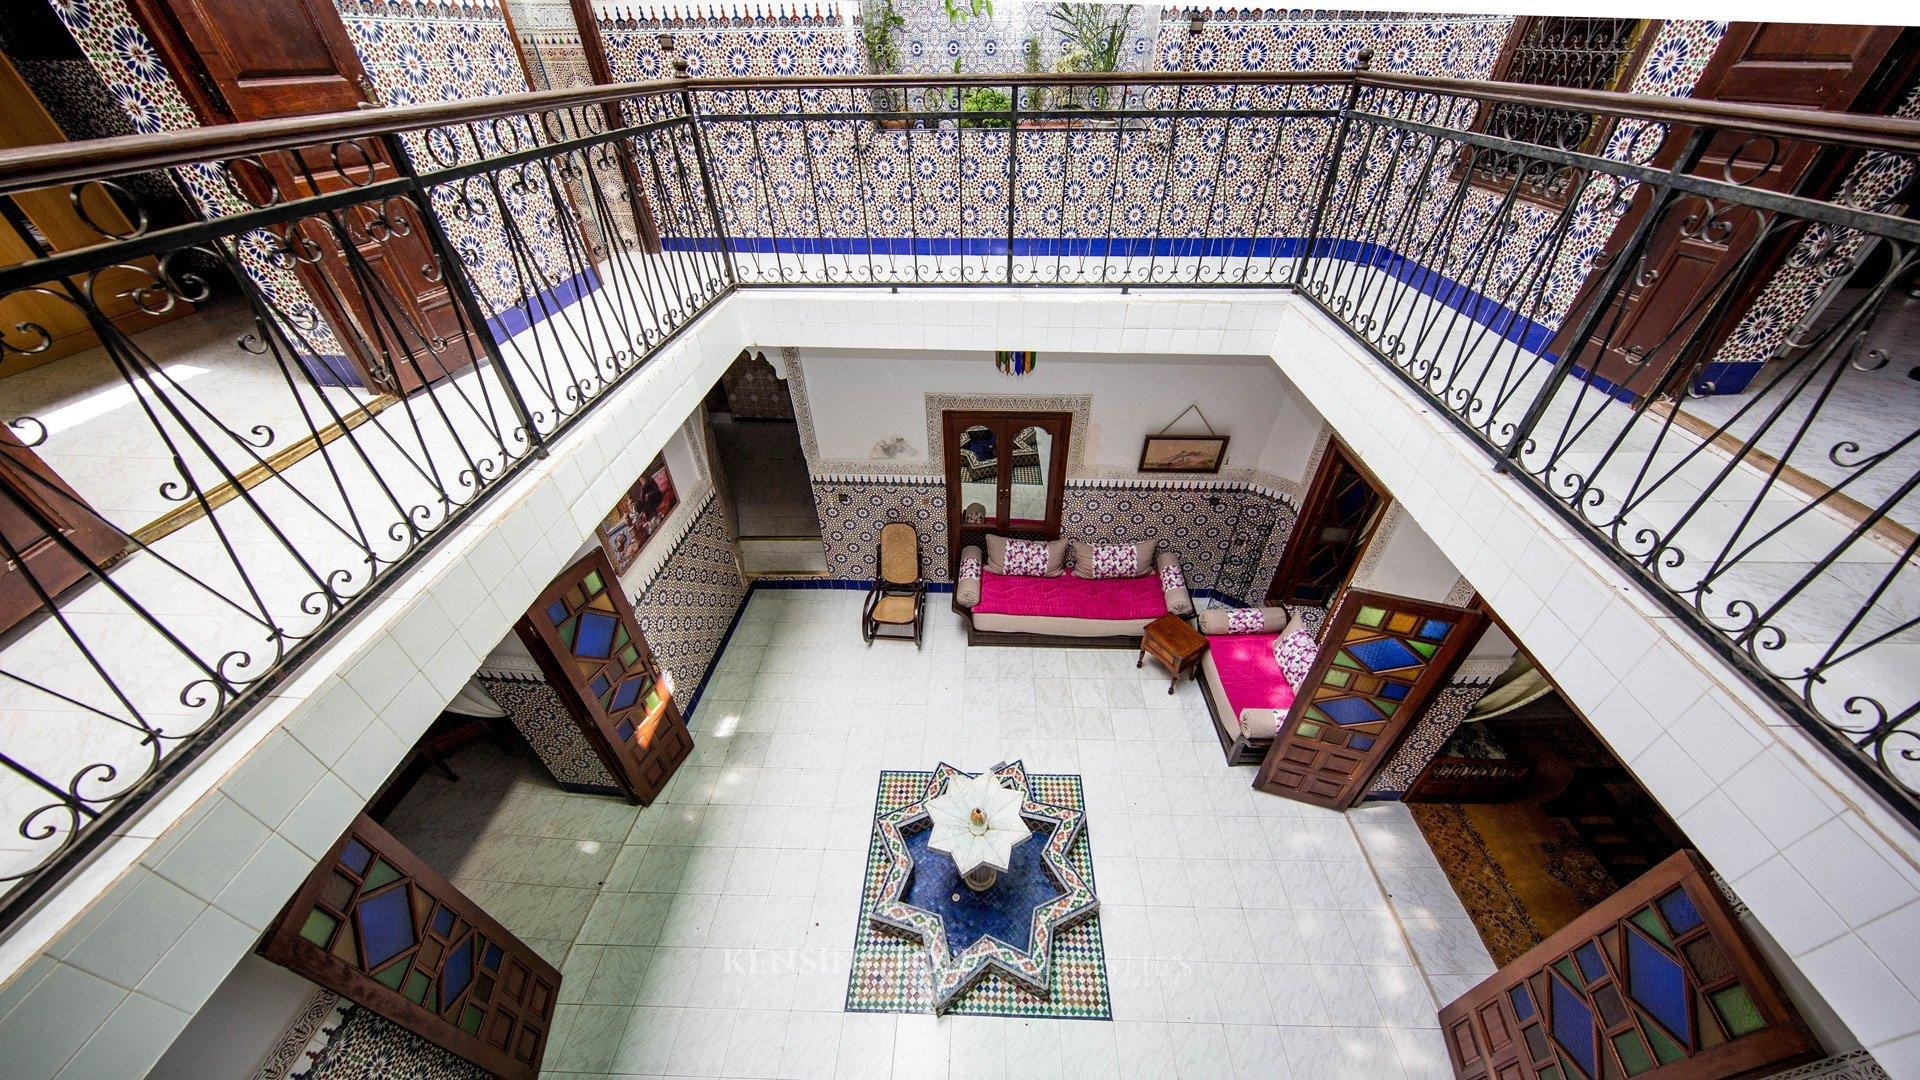 KPPM00826: Riad Majda Riad Marrakech Morocco